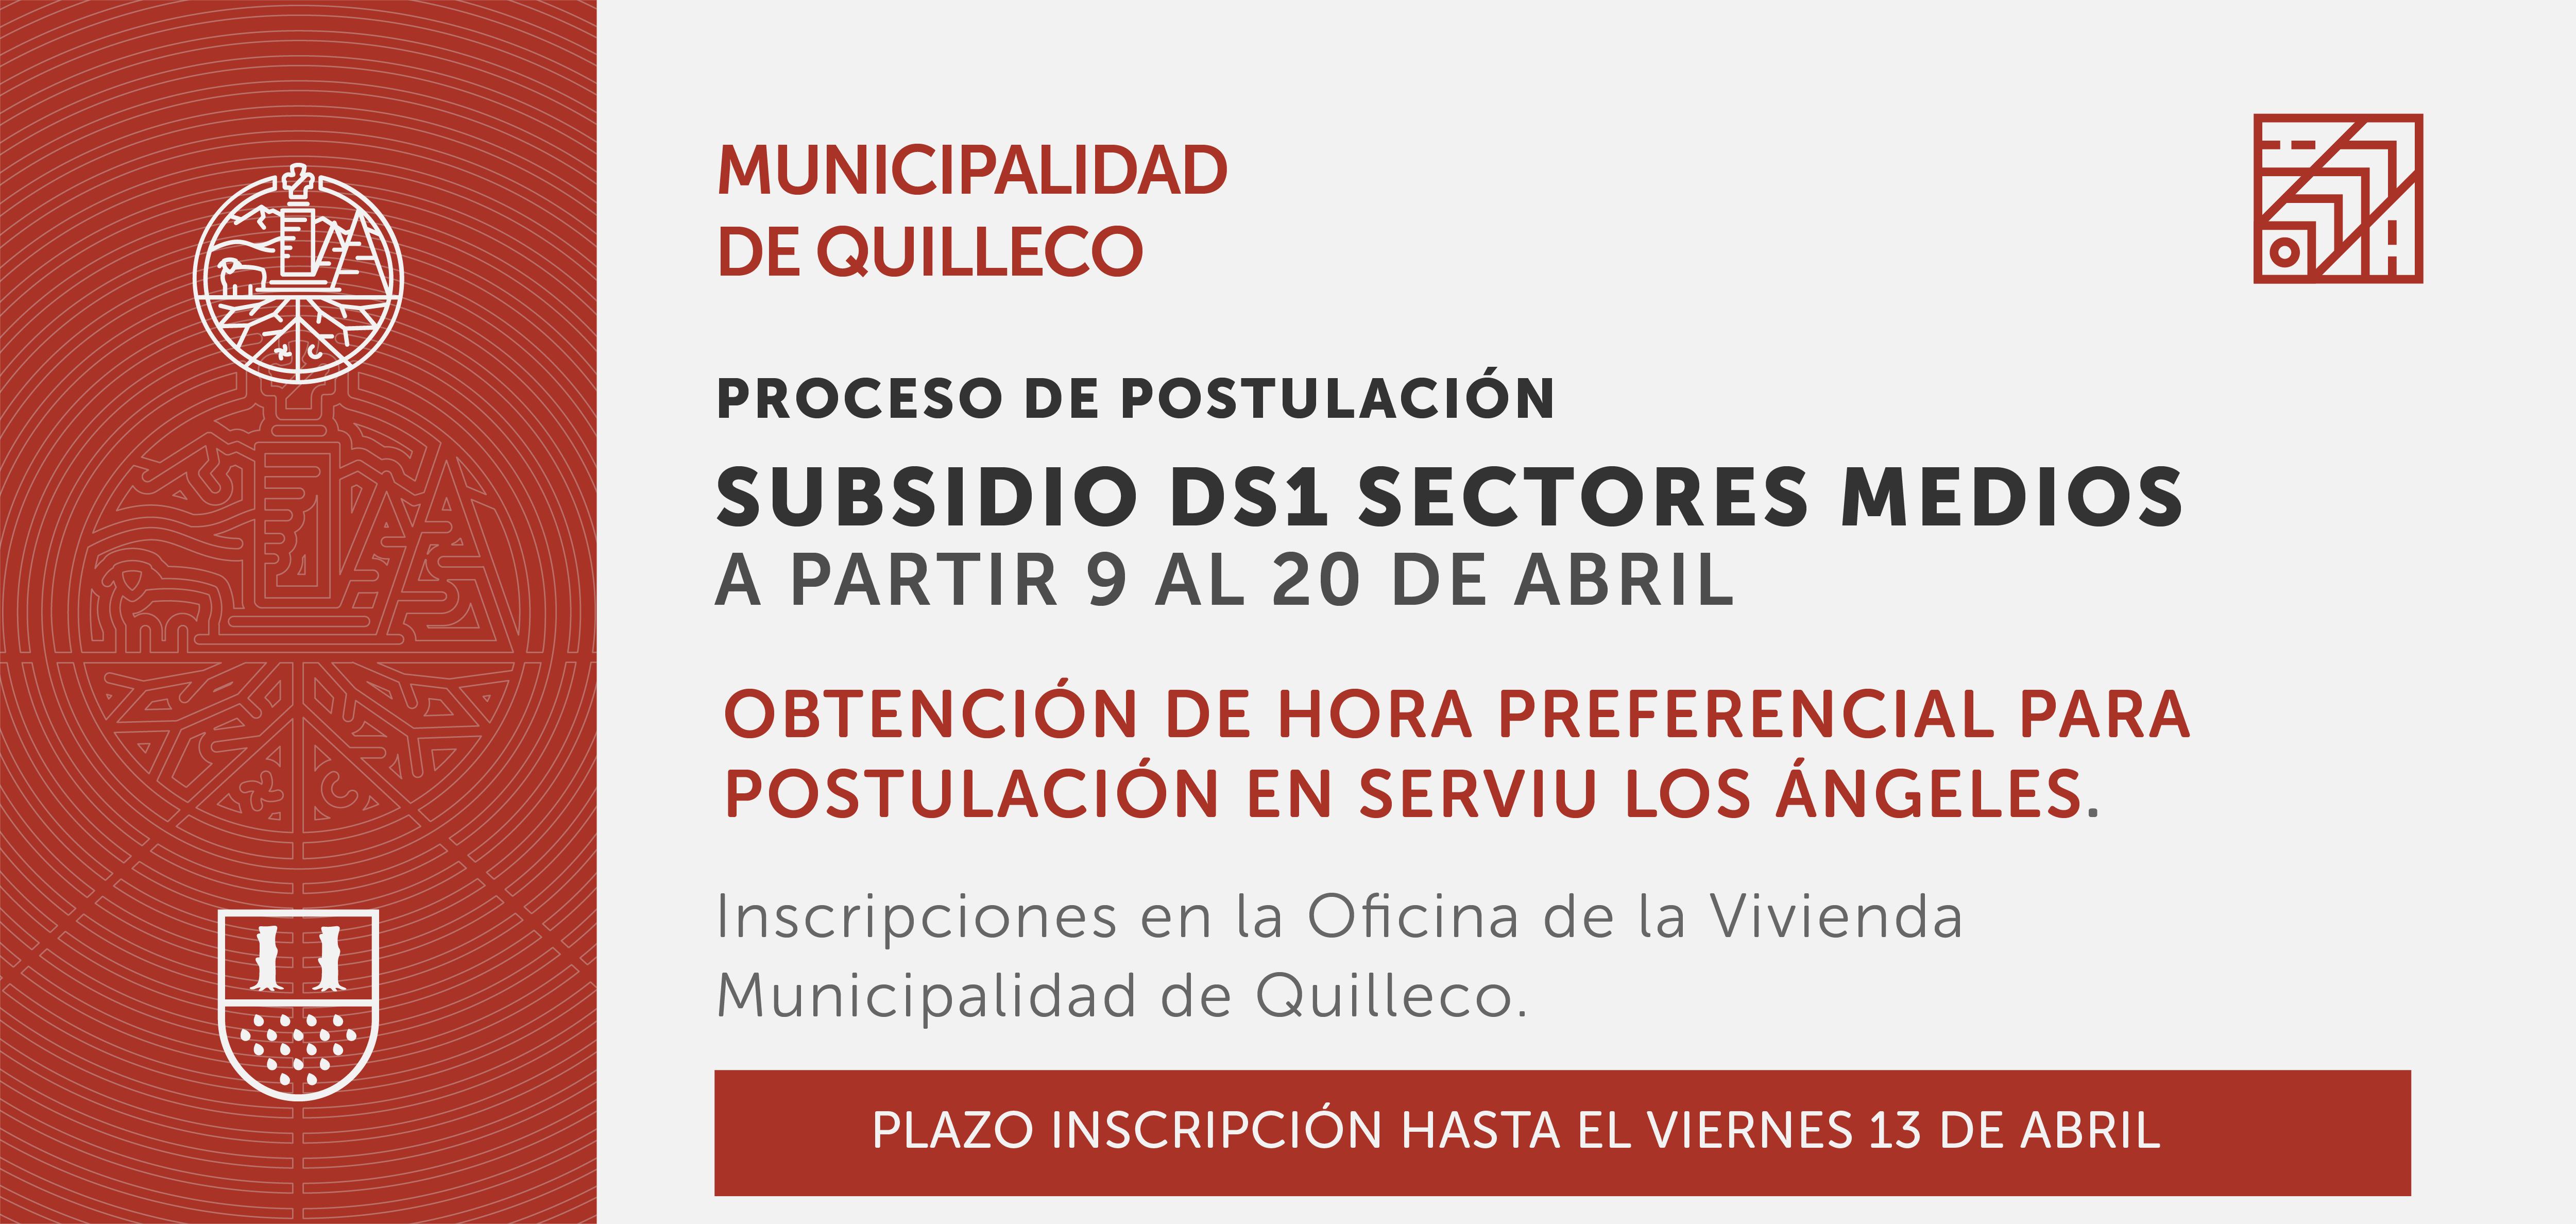 Oficina de la Vivienda de la Municipalidad de Quilleco hace un  llamado para la obtención de hora preferencial para postulación al Subsidios DS1